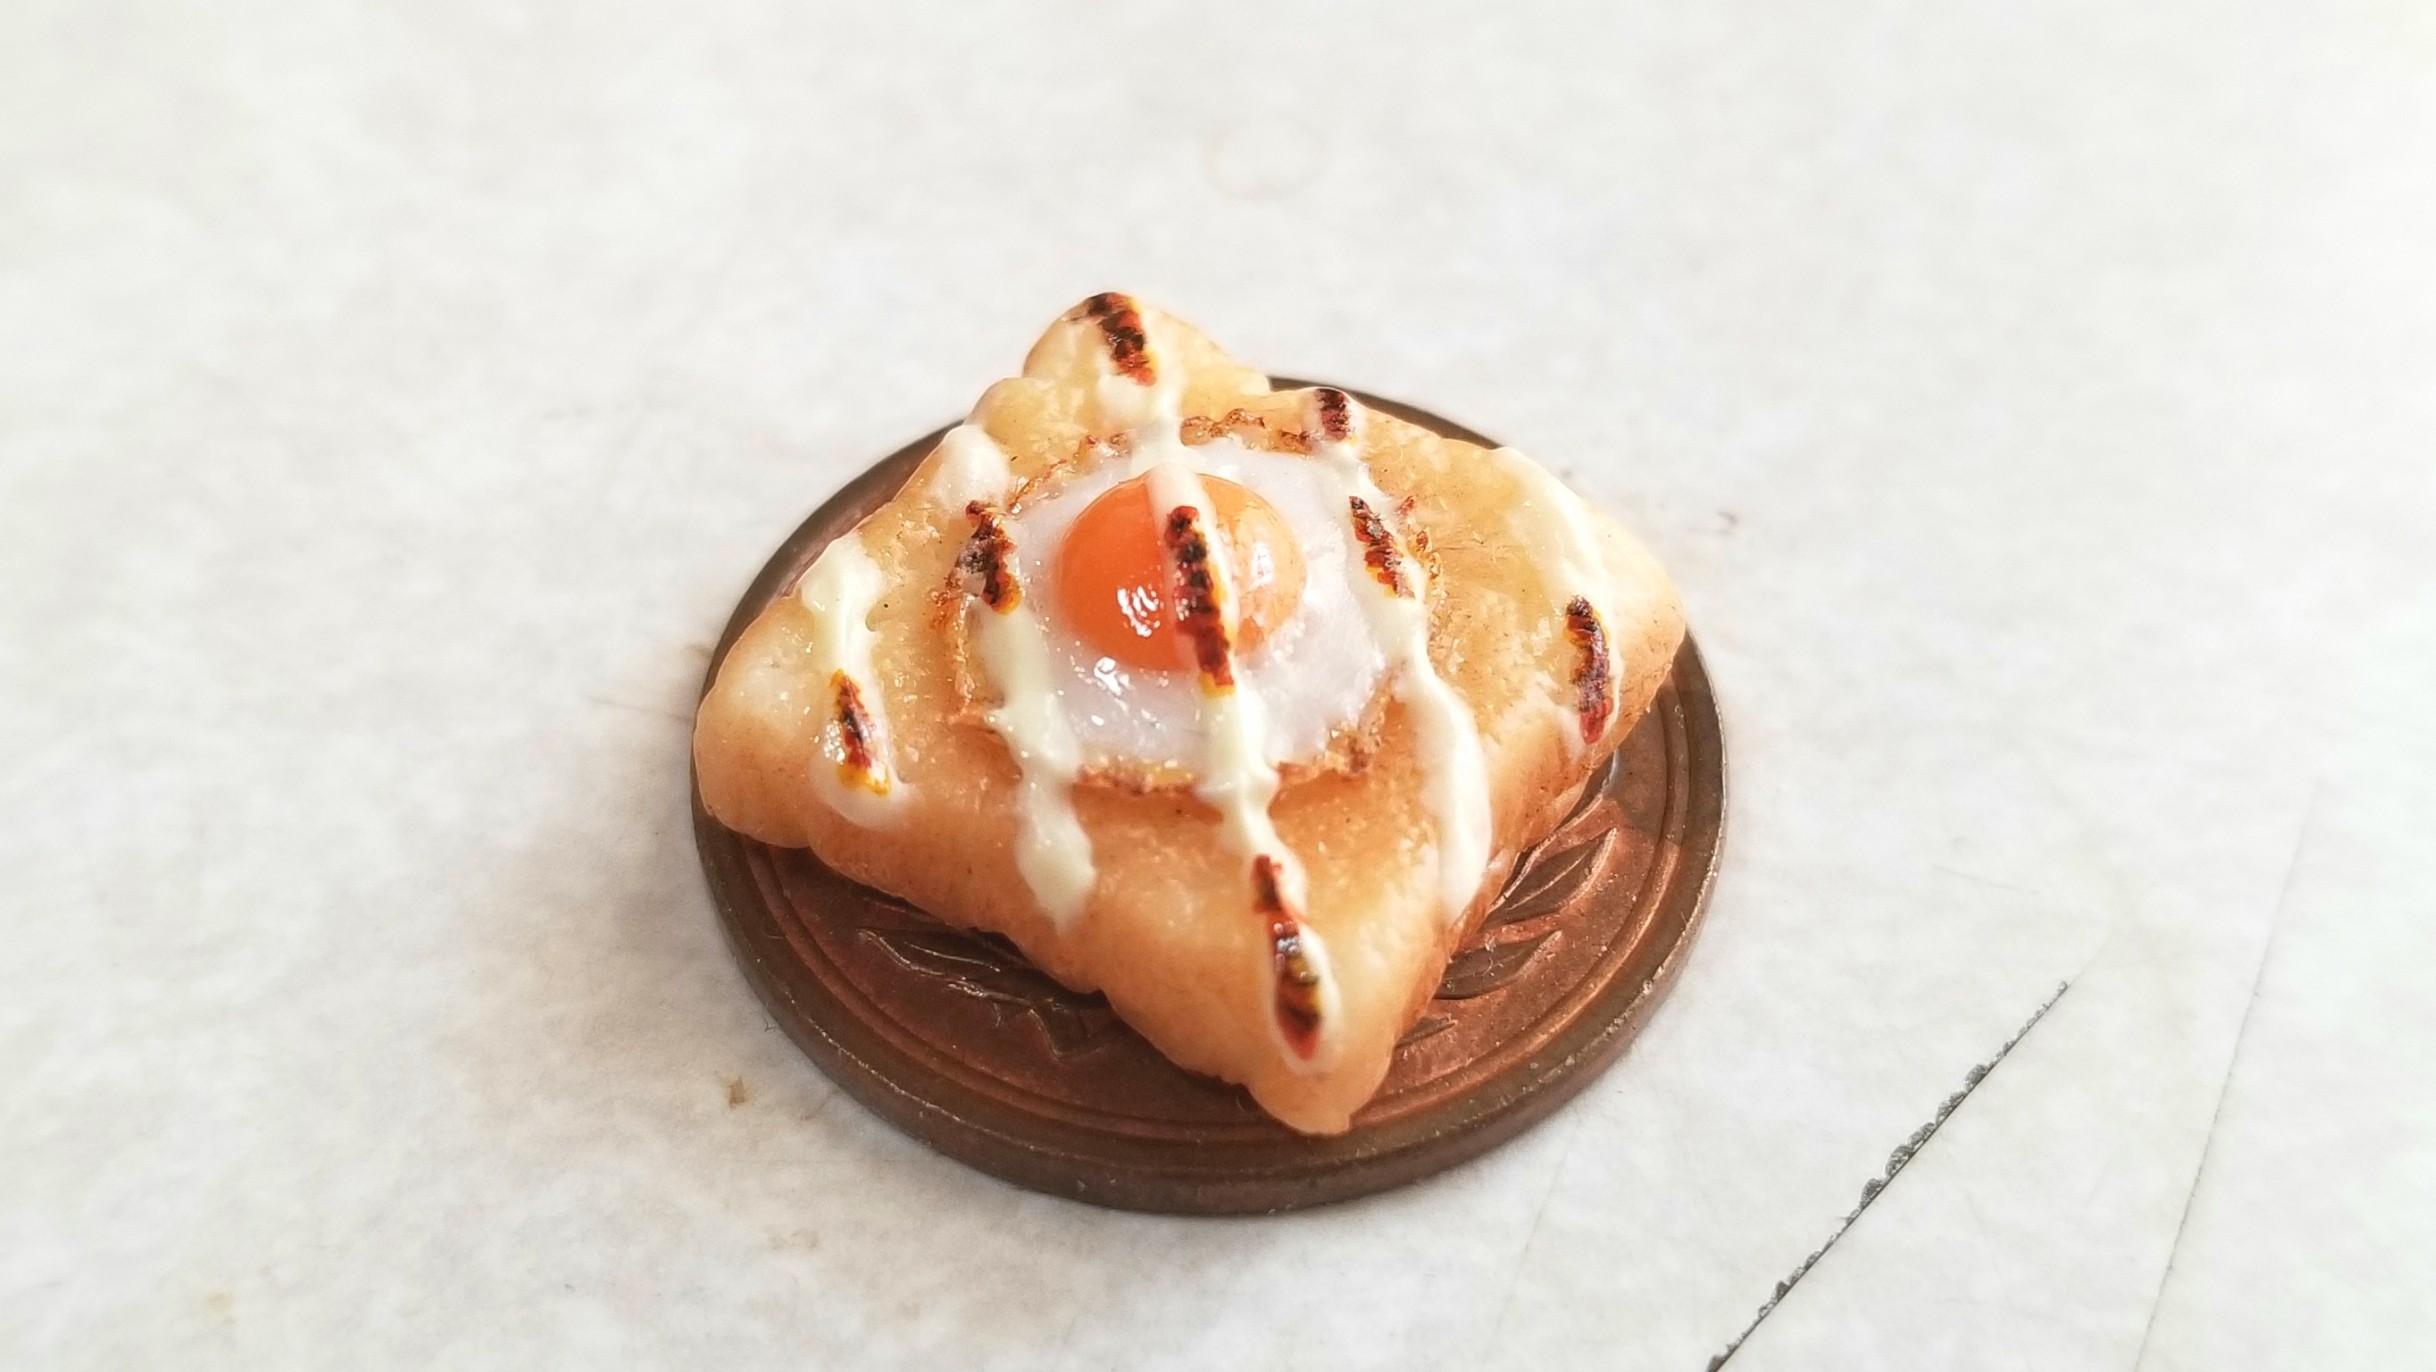 ミニチュアマヨネーズラピュタパン,樹脂粘土,ミンネ人気商品販売中